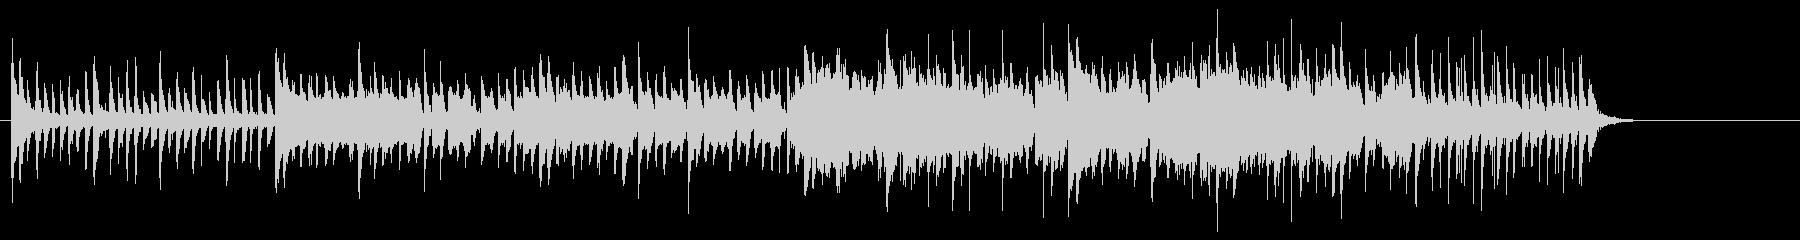 沖縄風のワールドミュージックの未再生の波形